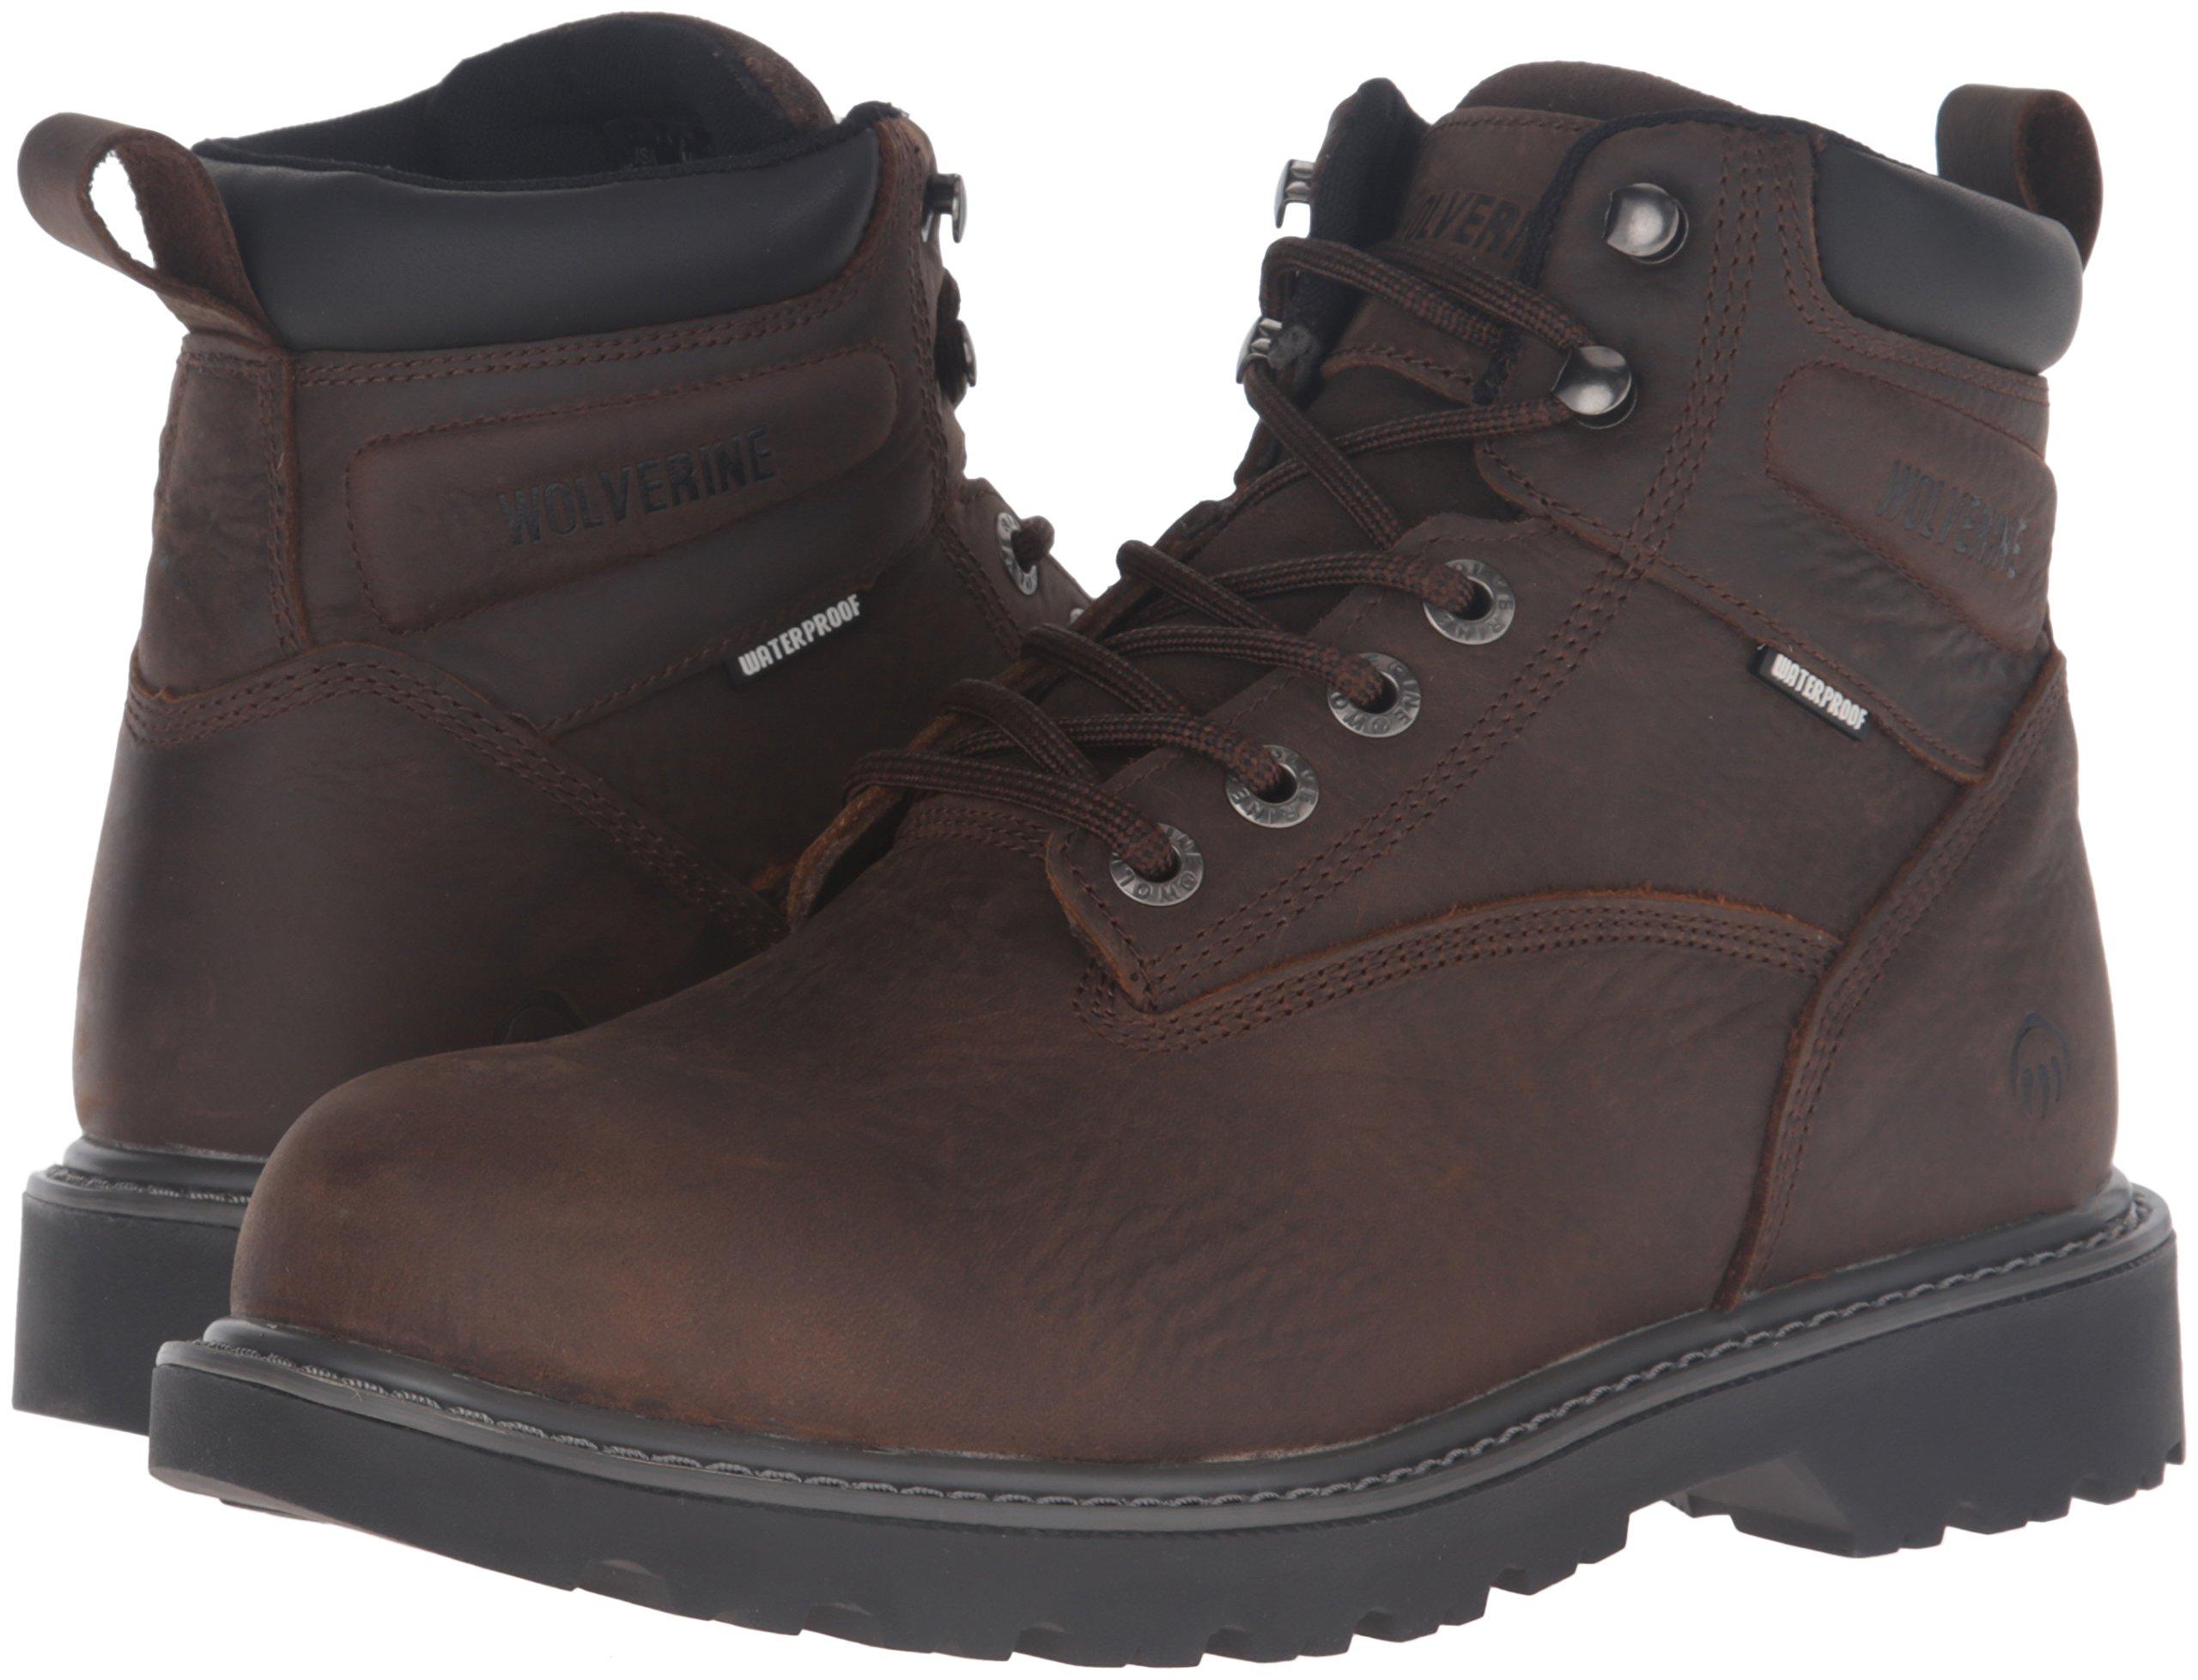 Wolverine Men's Floorhand 6 Inch Waterproof Steel Toe Work Shoe, Dark Brown, 9.5 M US by Wolverine (Image #6)